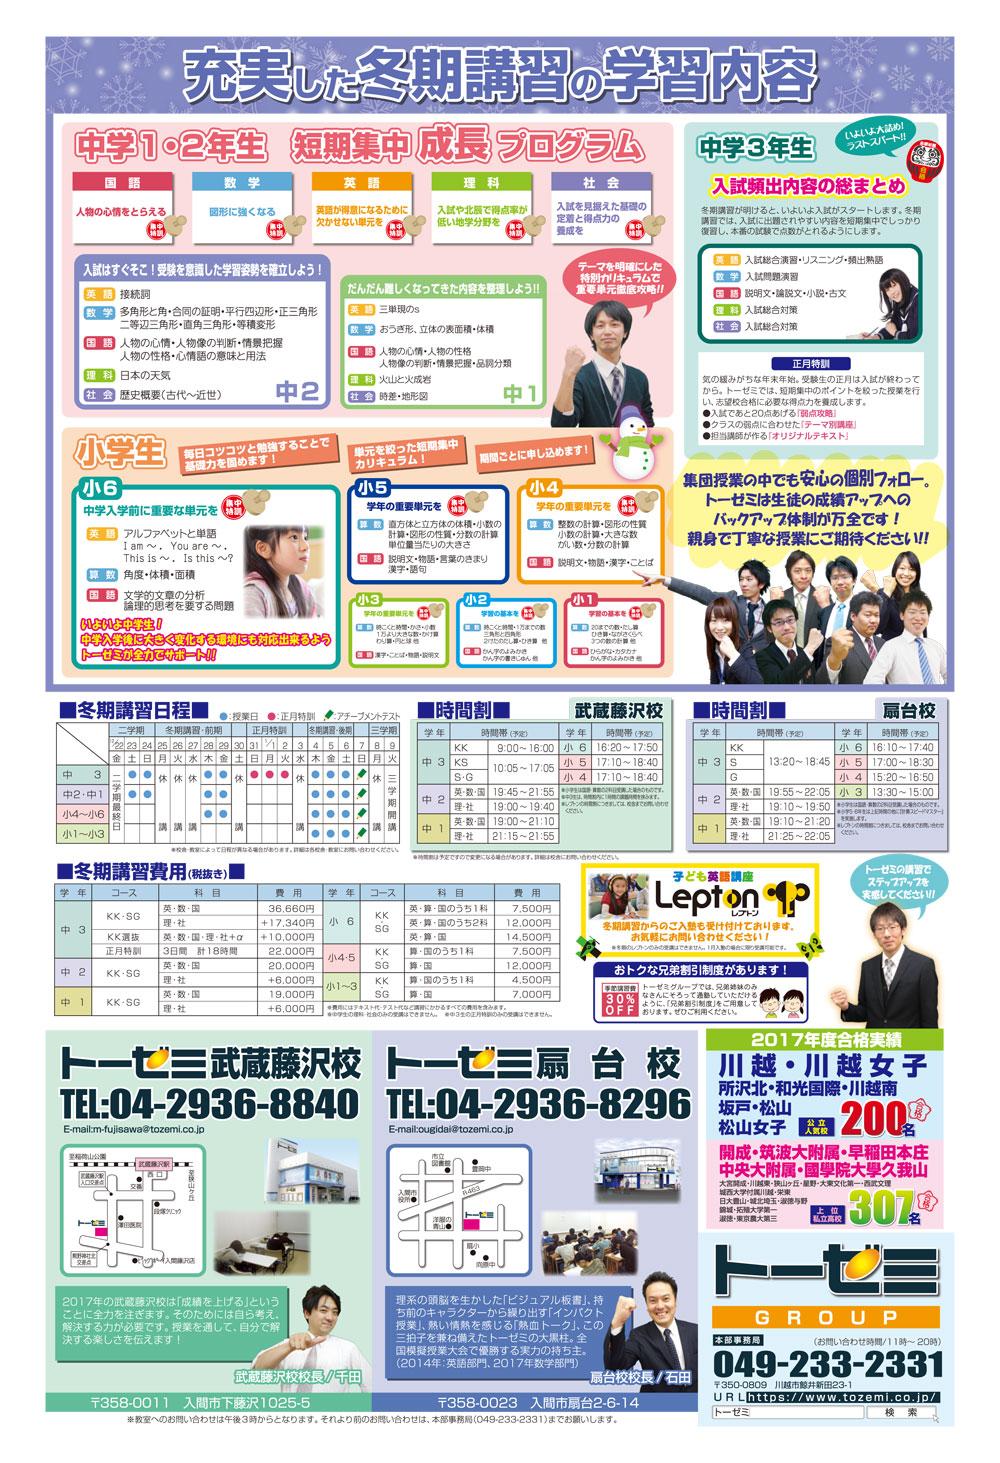 入間市の学習塾トーゼミ 武蔵藤沢校の冬期講習